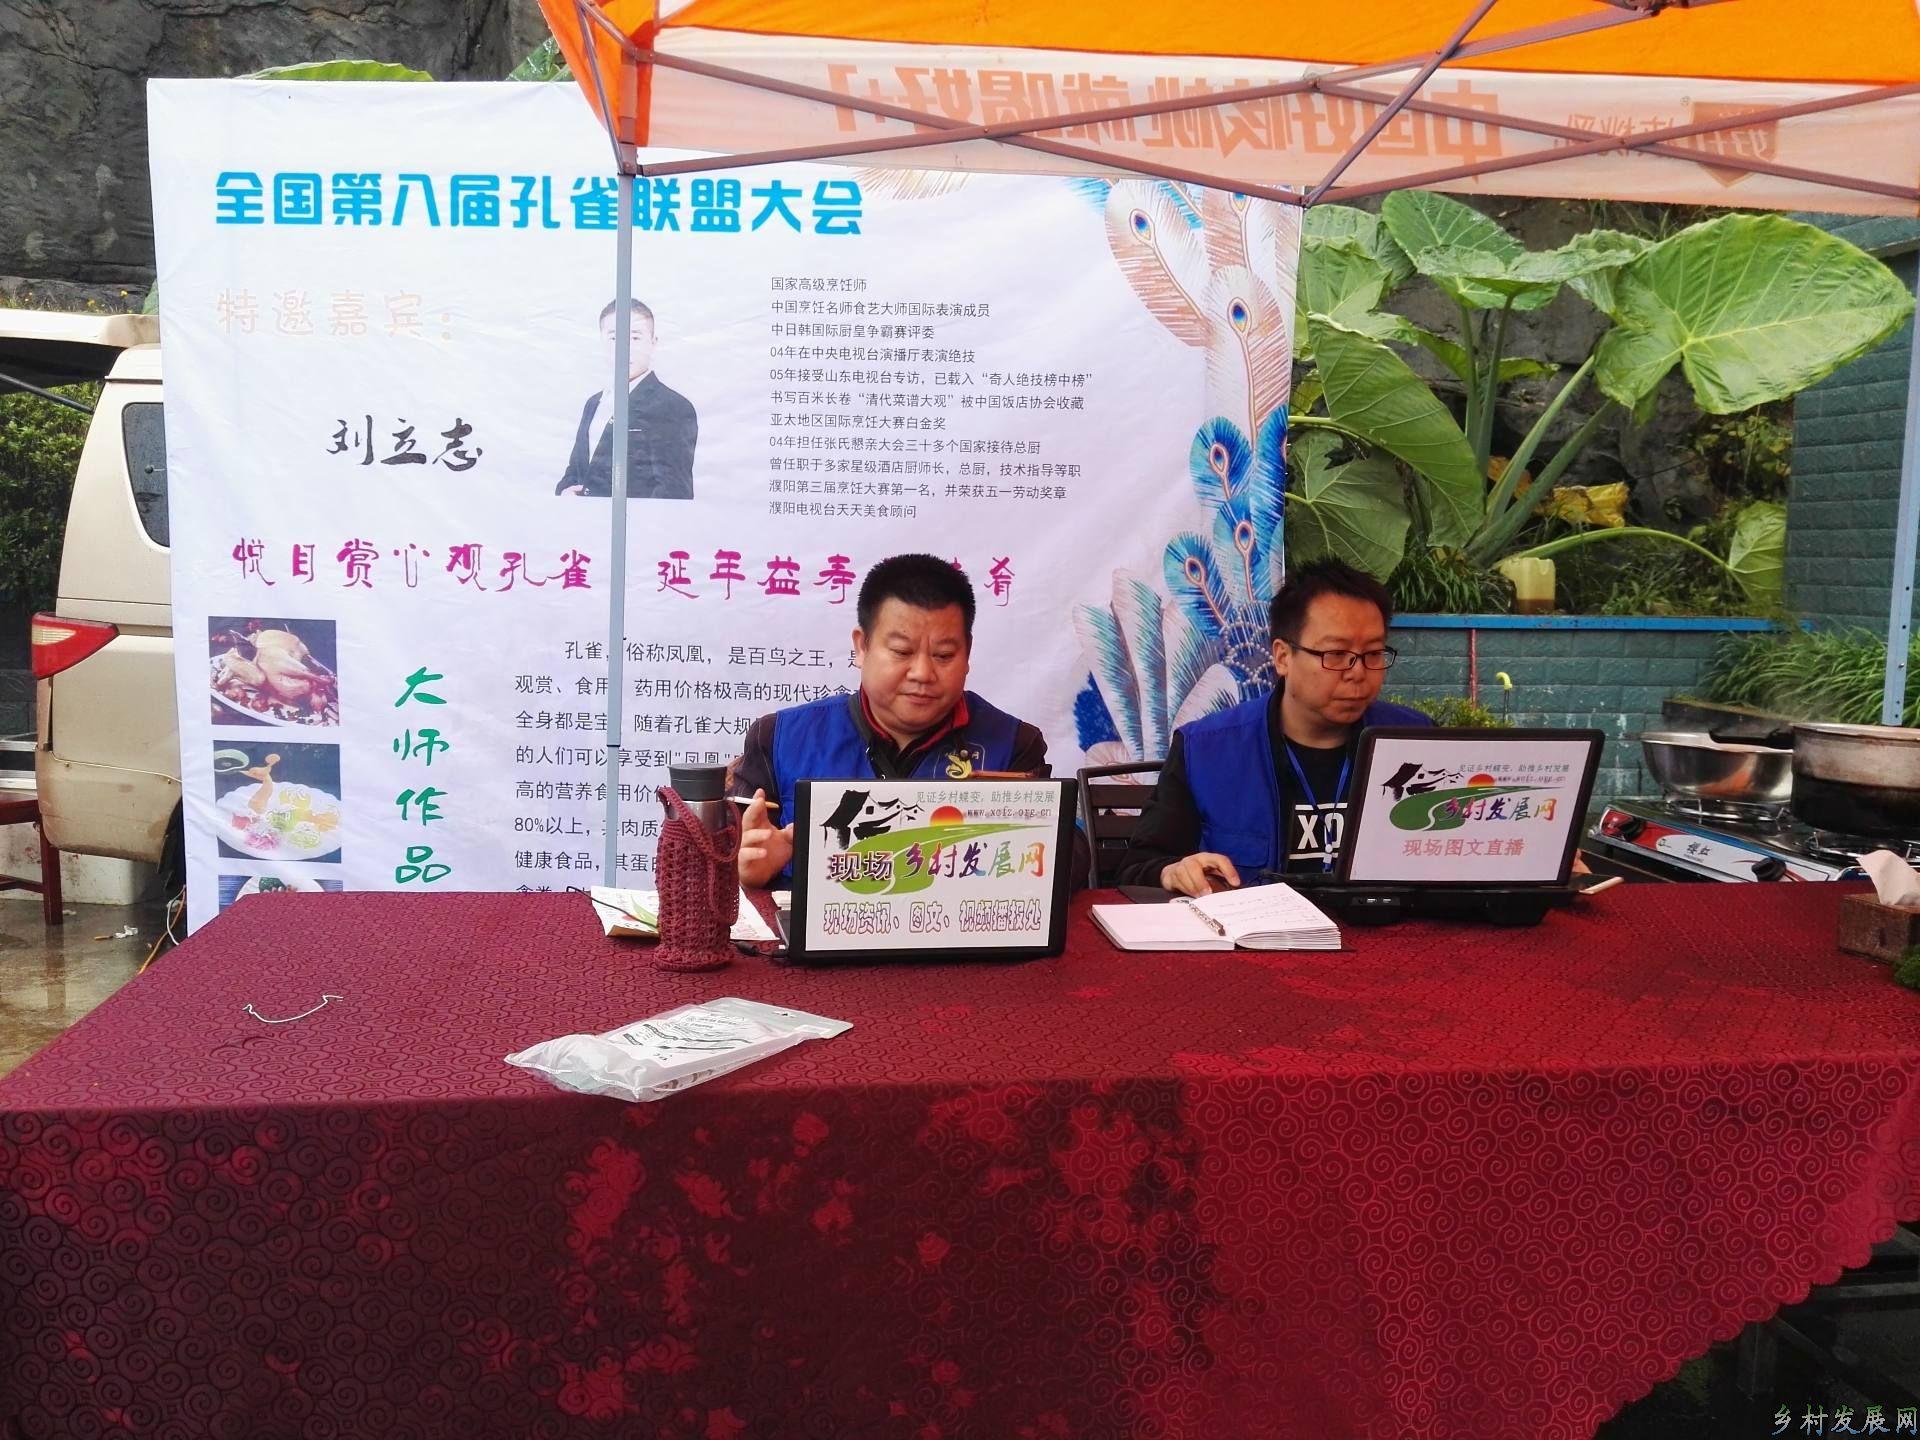 图文直播丨全国第八届孔雀联盟大会在重庆涪陵隆重举行..